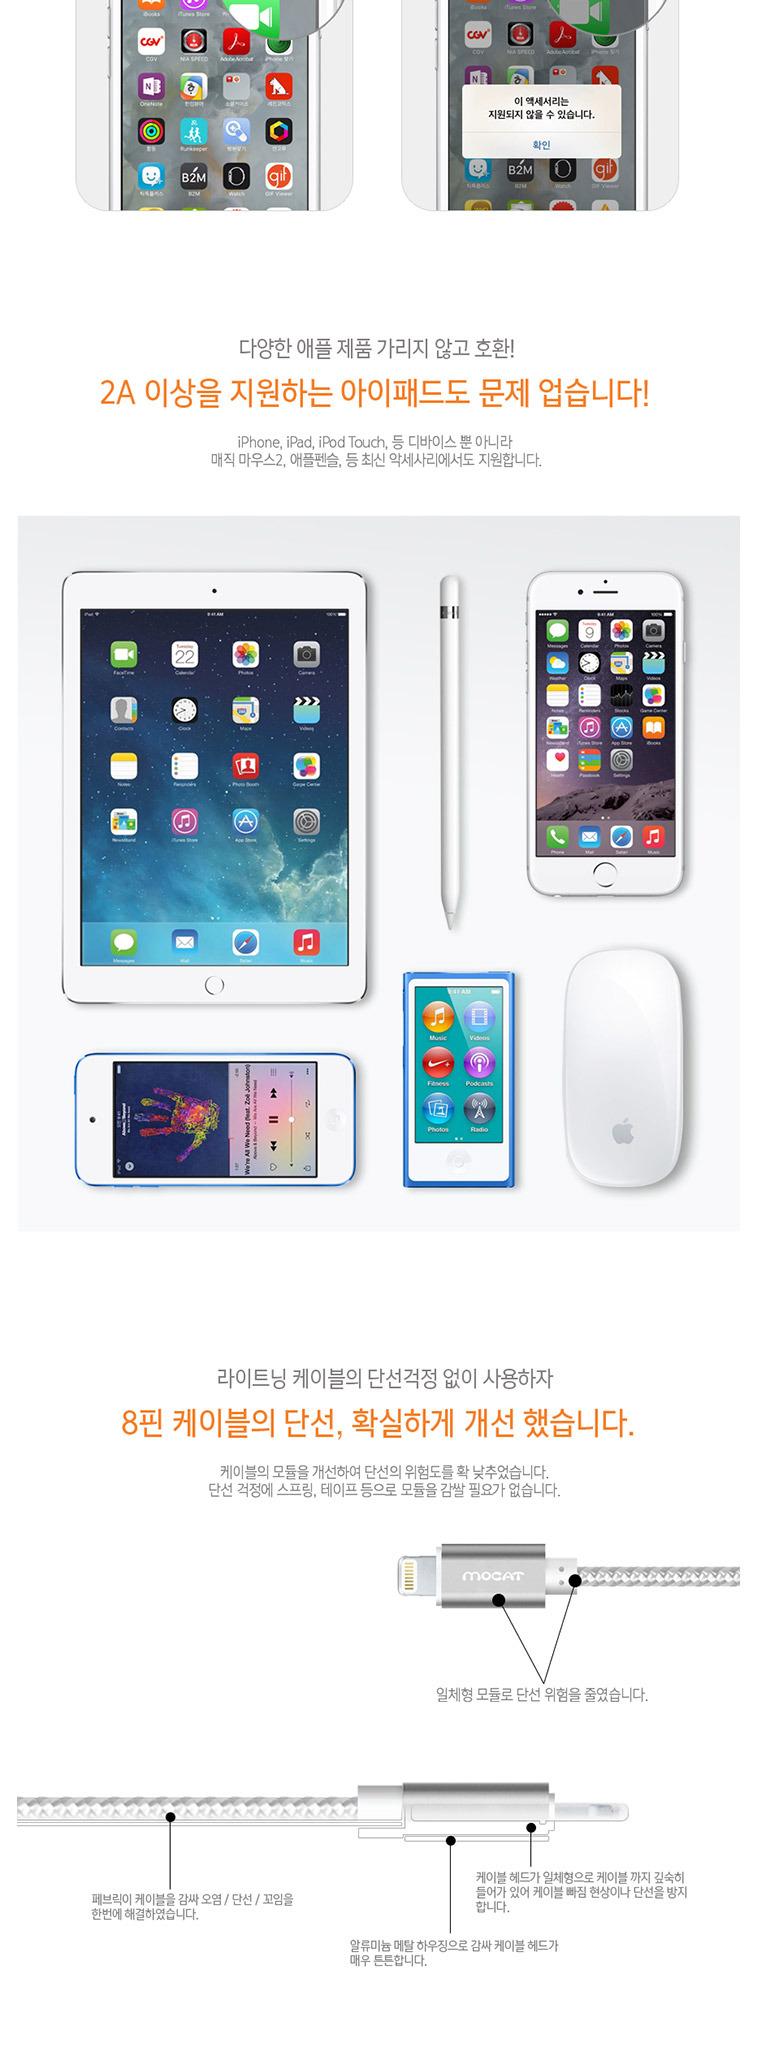 [마이폰] 핸드폰 고속 충전기 - 상세정보